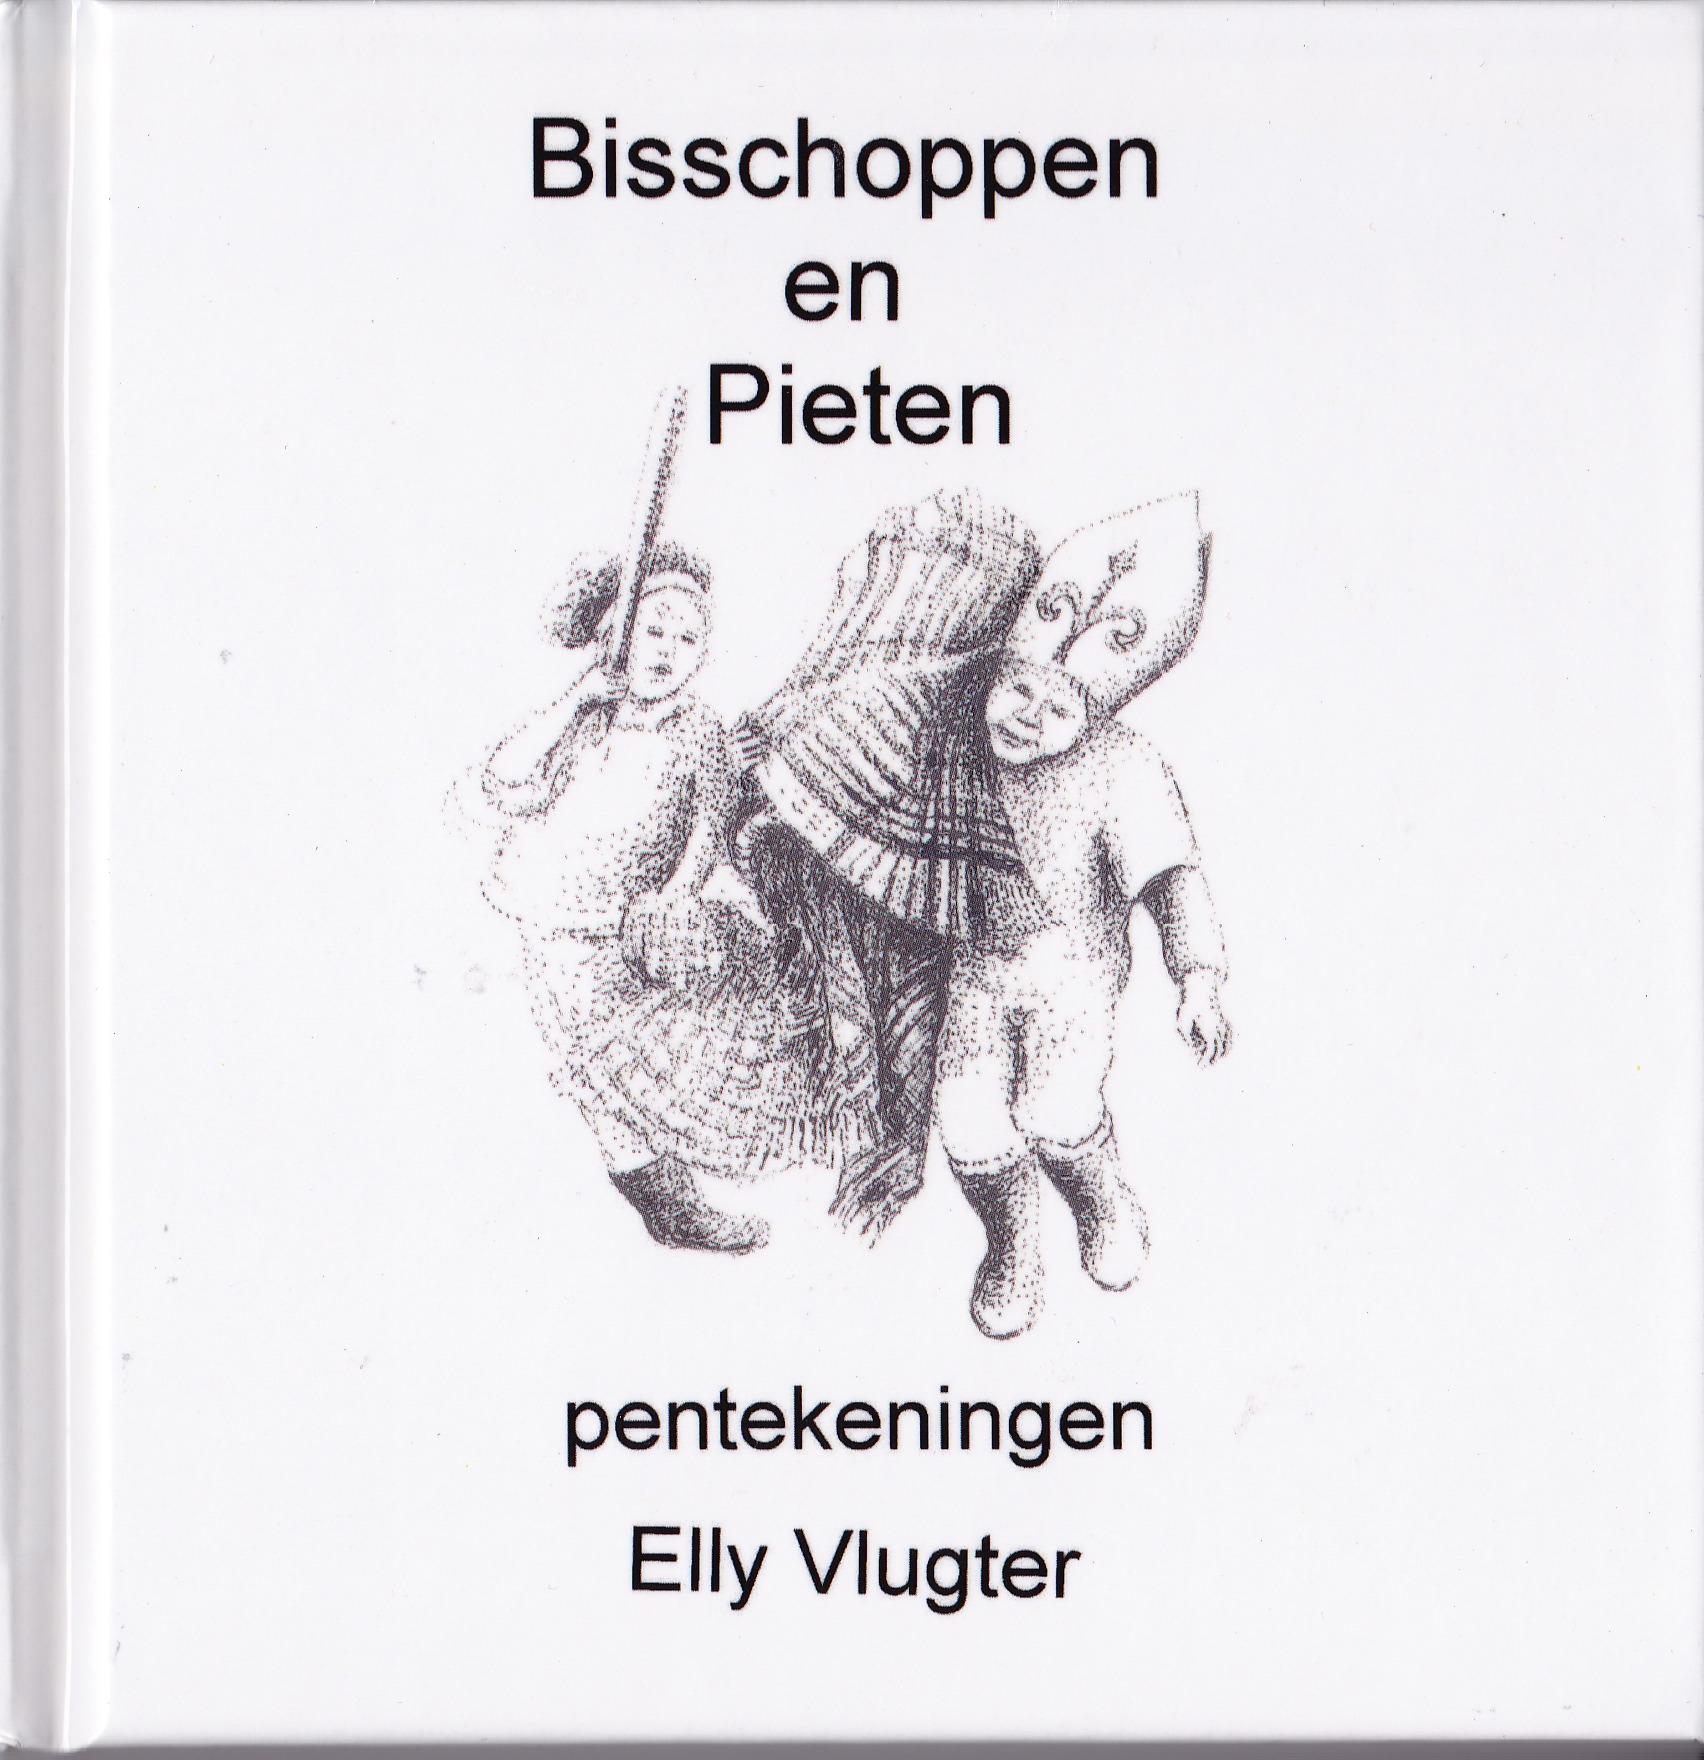 Bisschoppen en Pieten